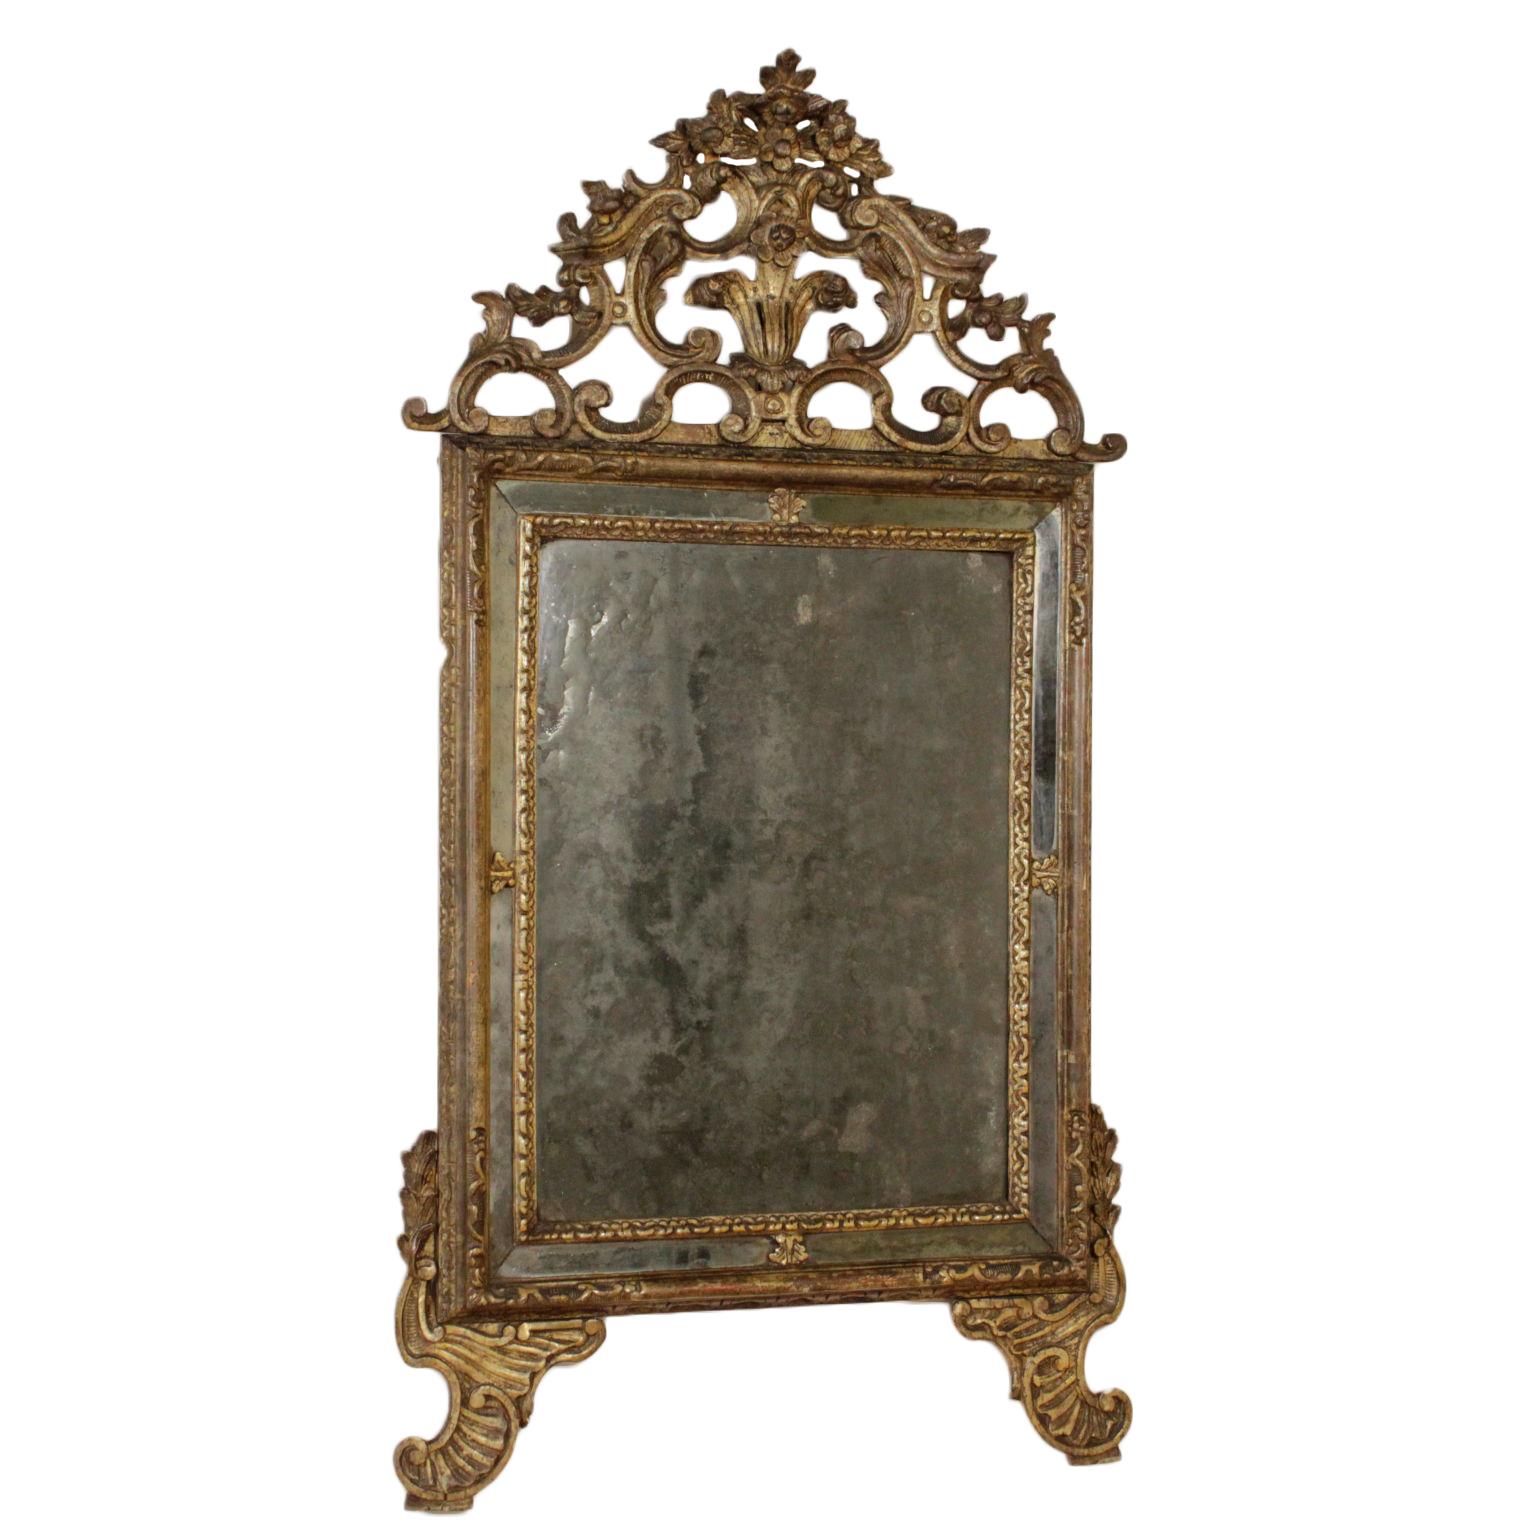 Espejo Piamonte - Espejos y marcos - Antiguedades - dimanoinmano.it